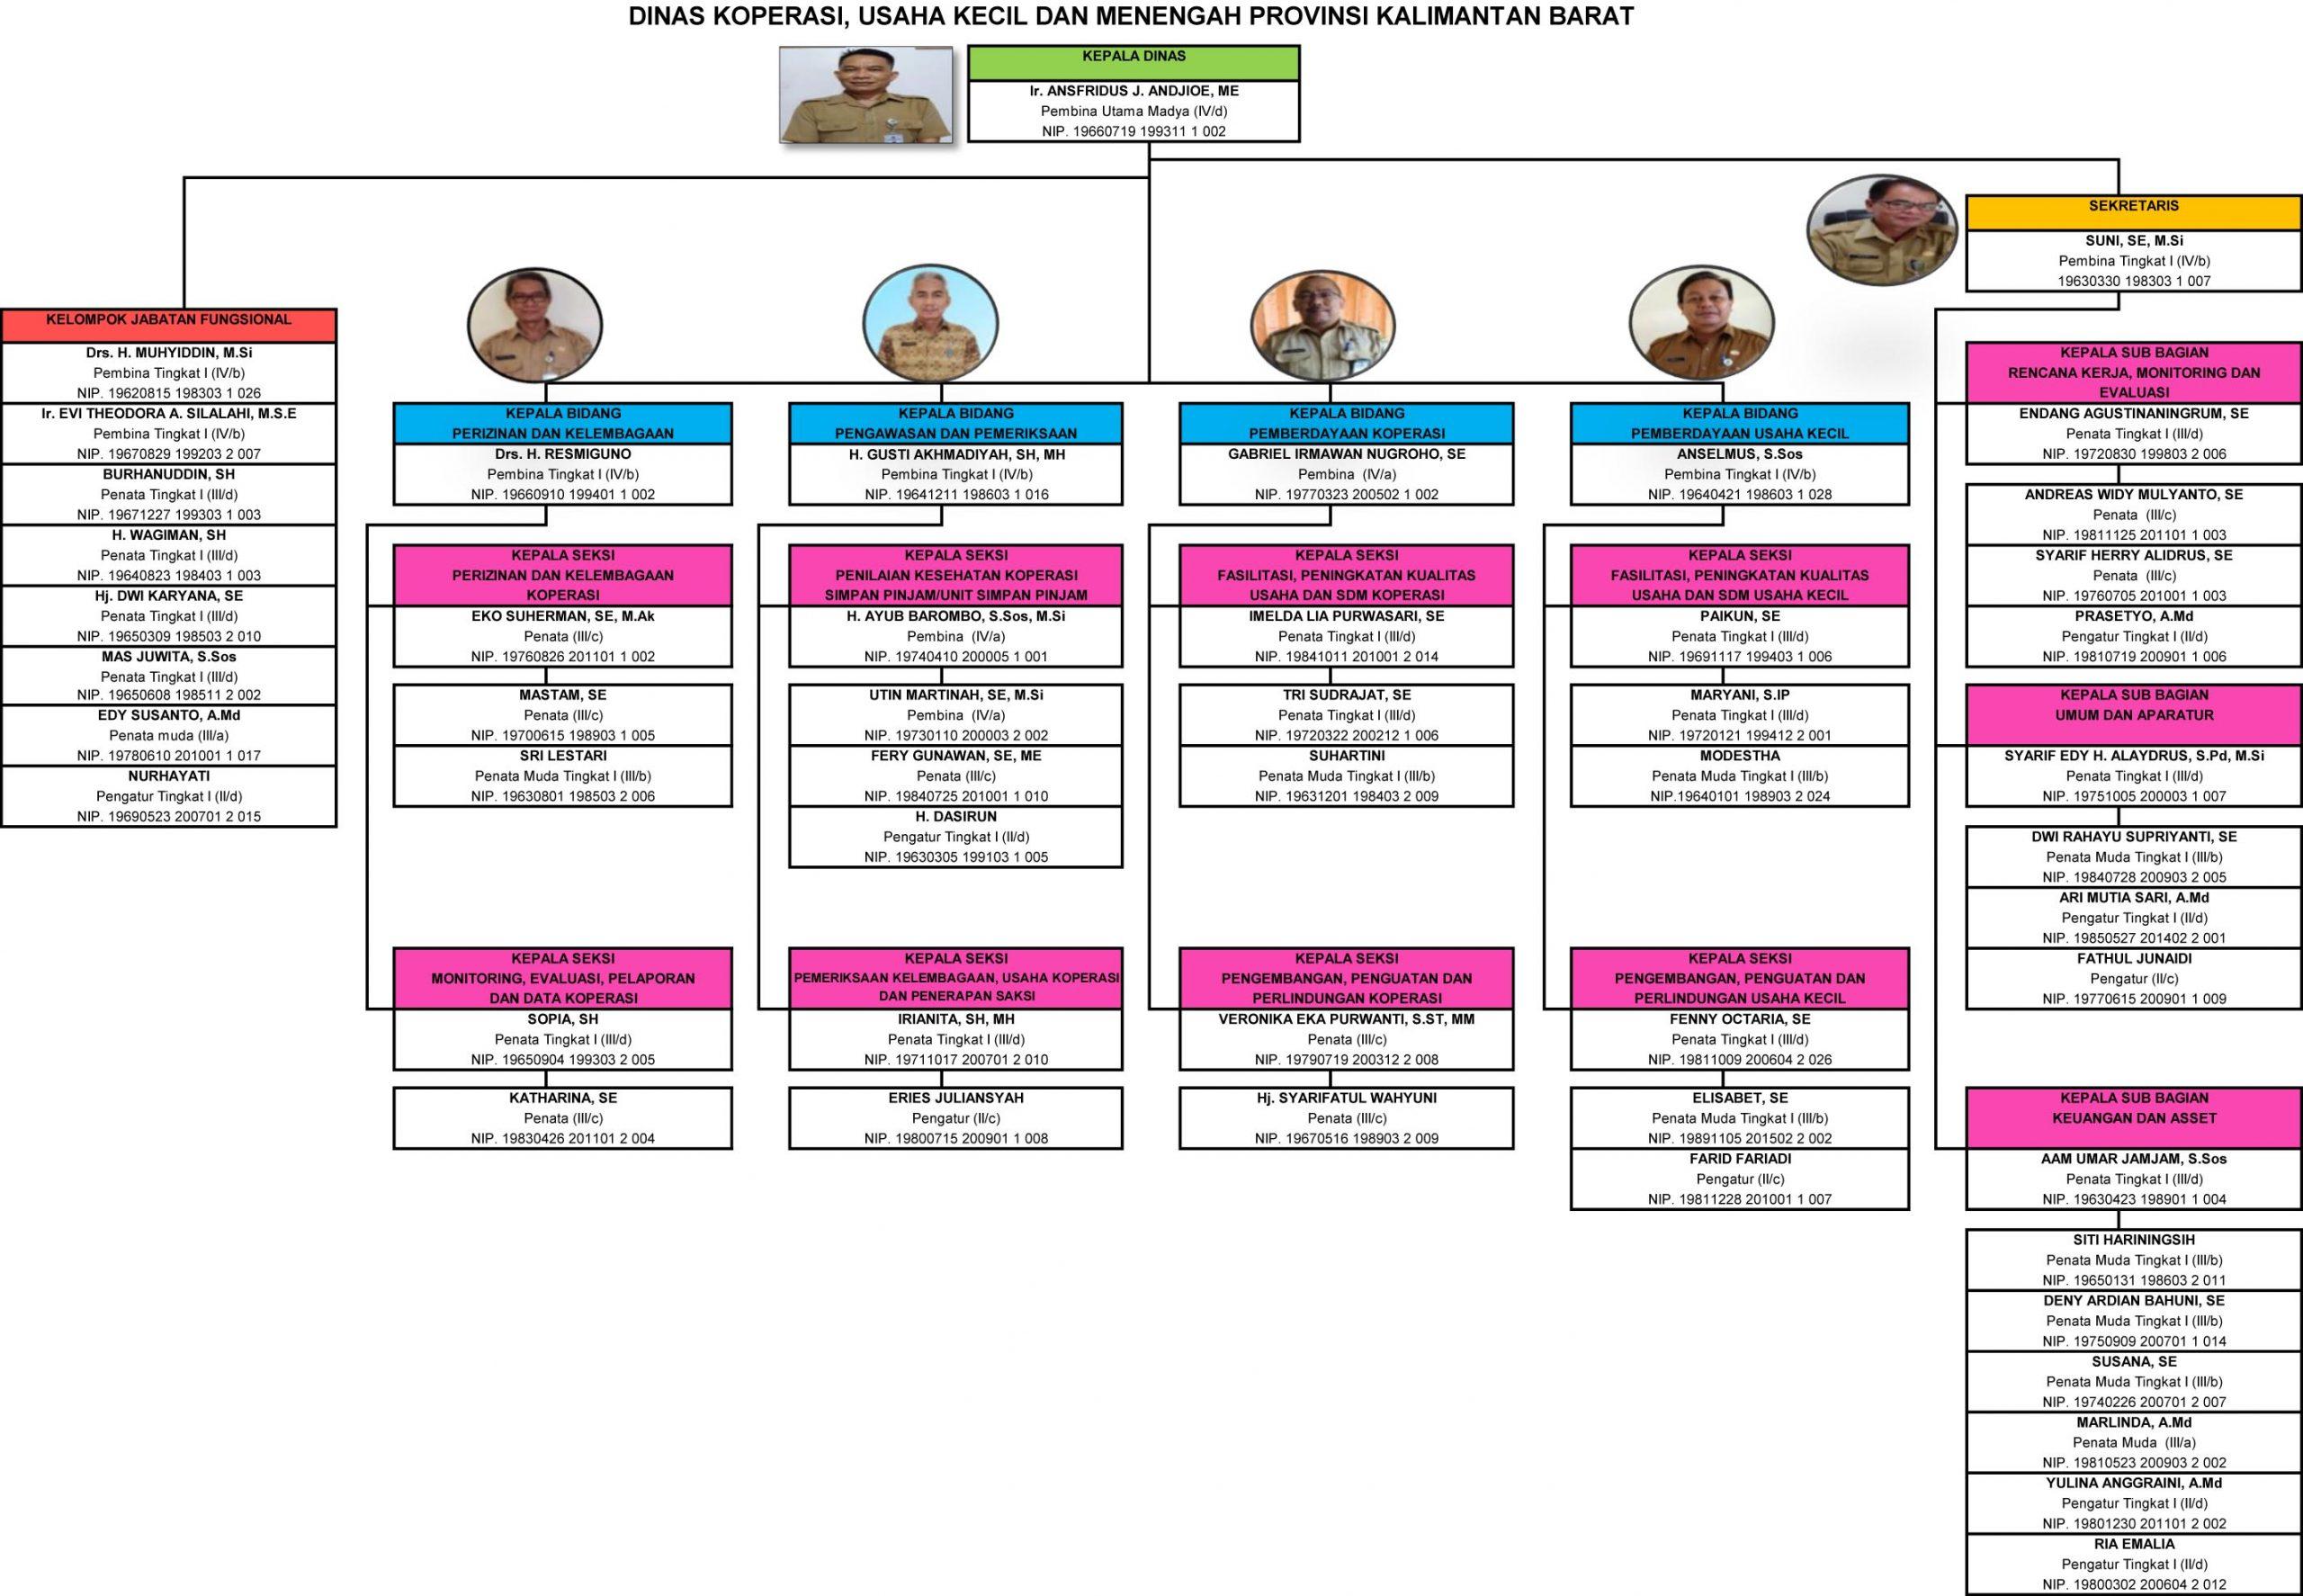 Struktur Organisasi Dinas Koperasi, Usaha Kecil dan ...